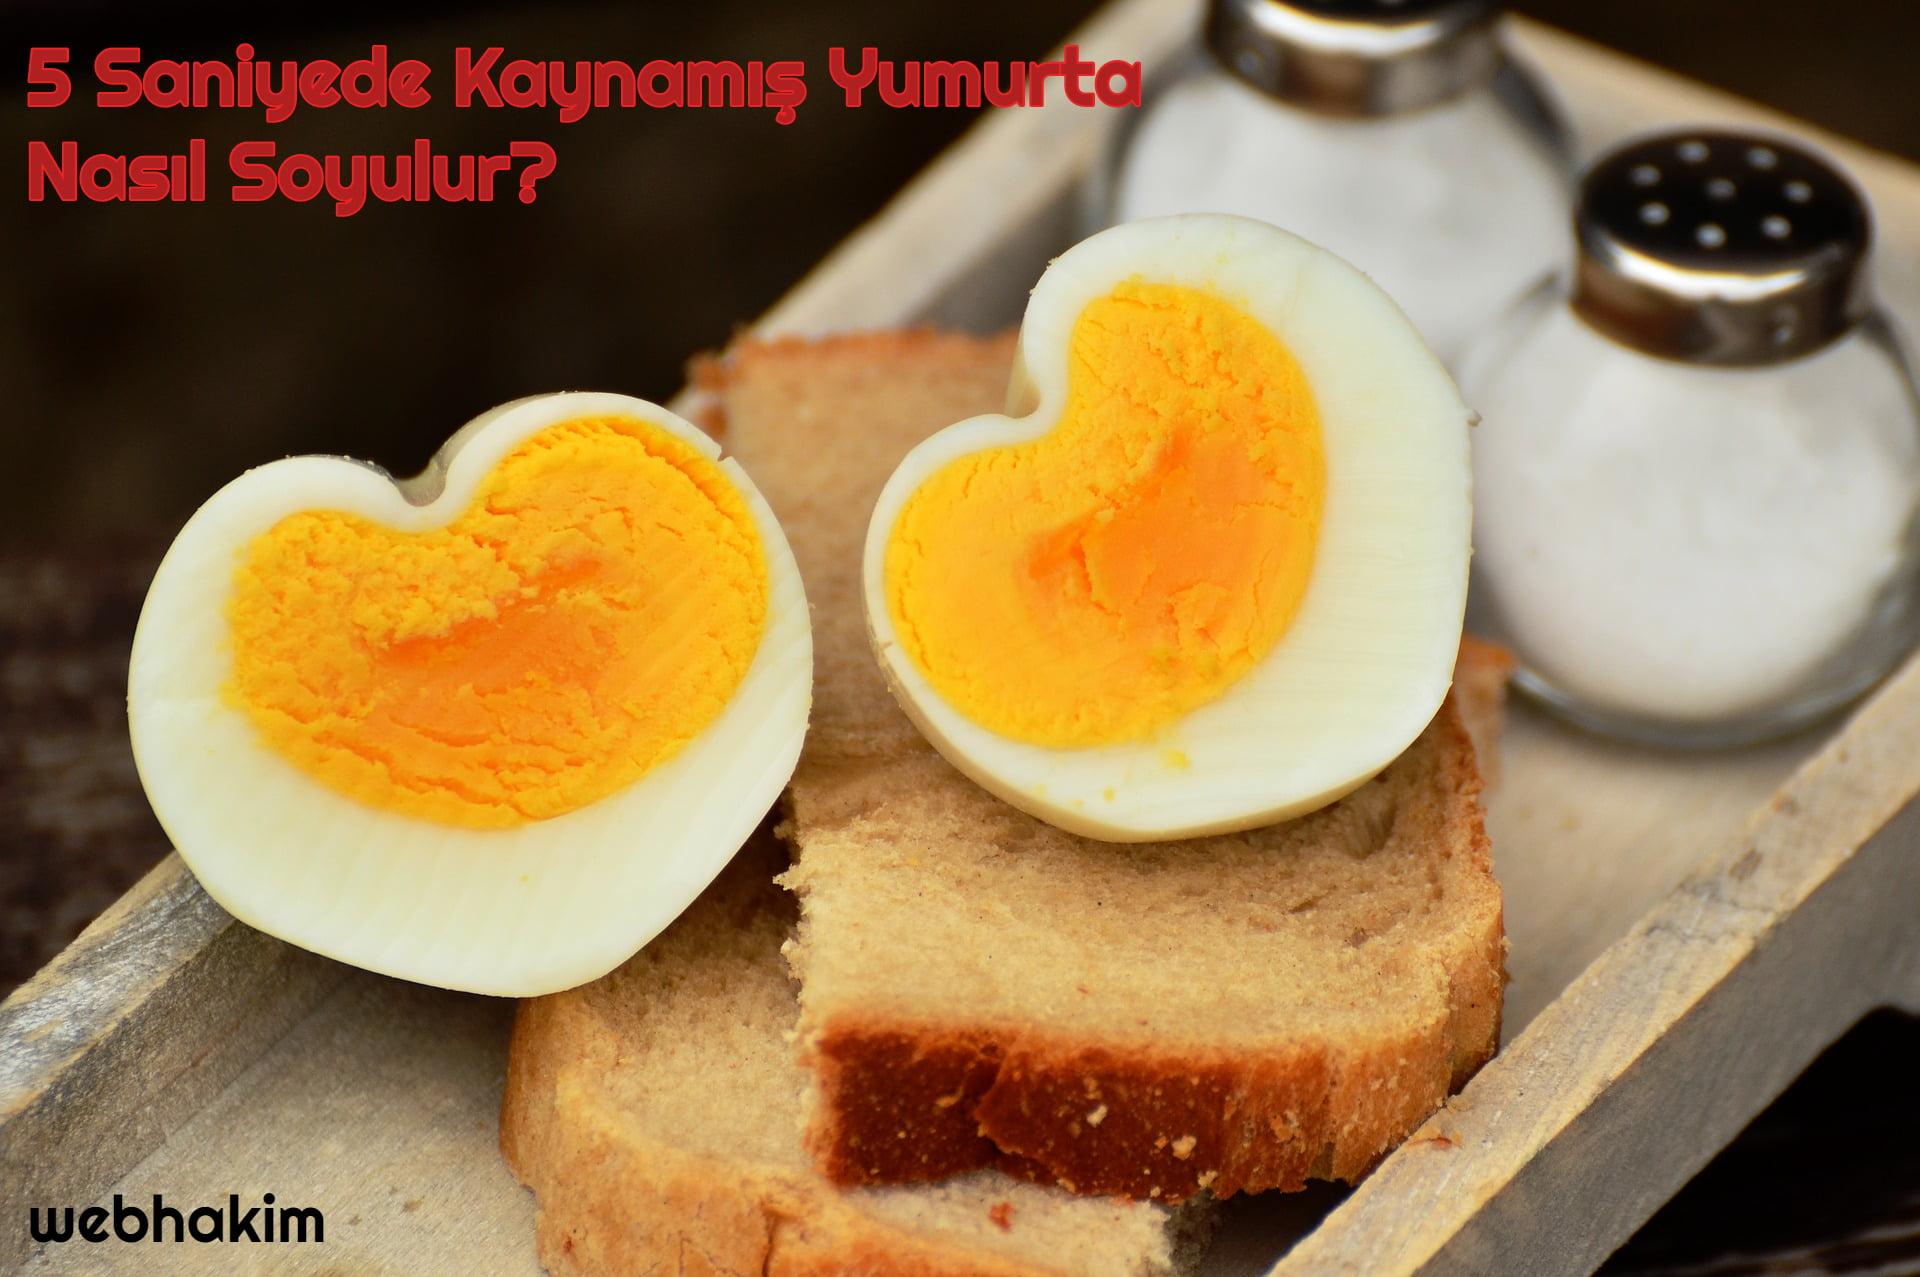 yumurta nasıl soyulur